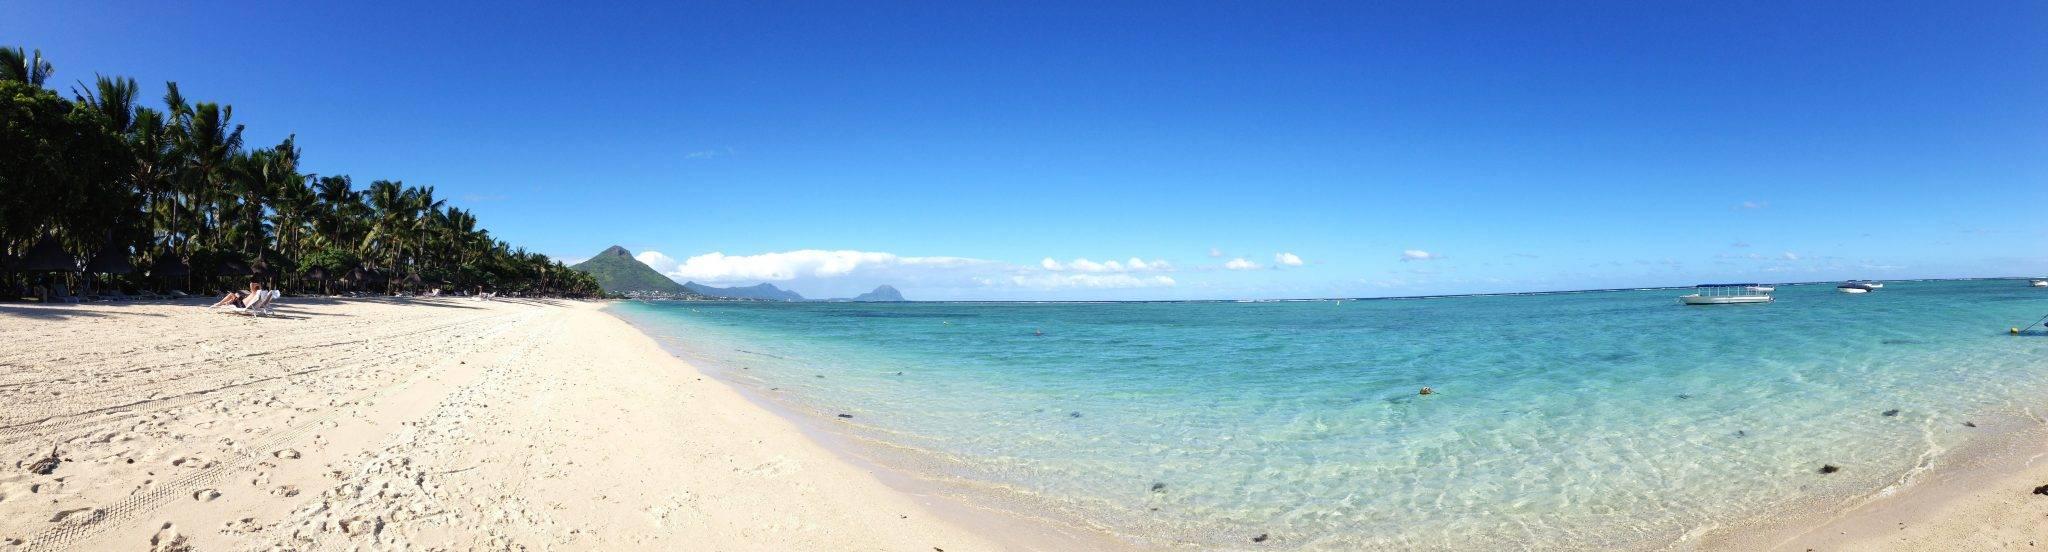 La Pirogue in Mauritius